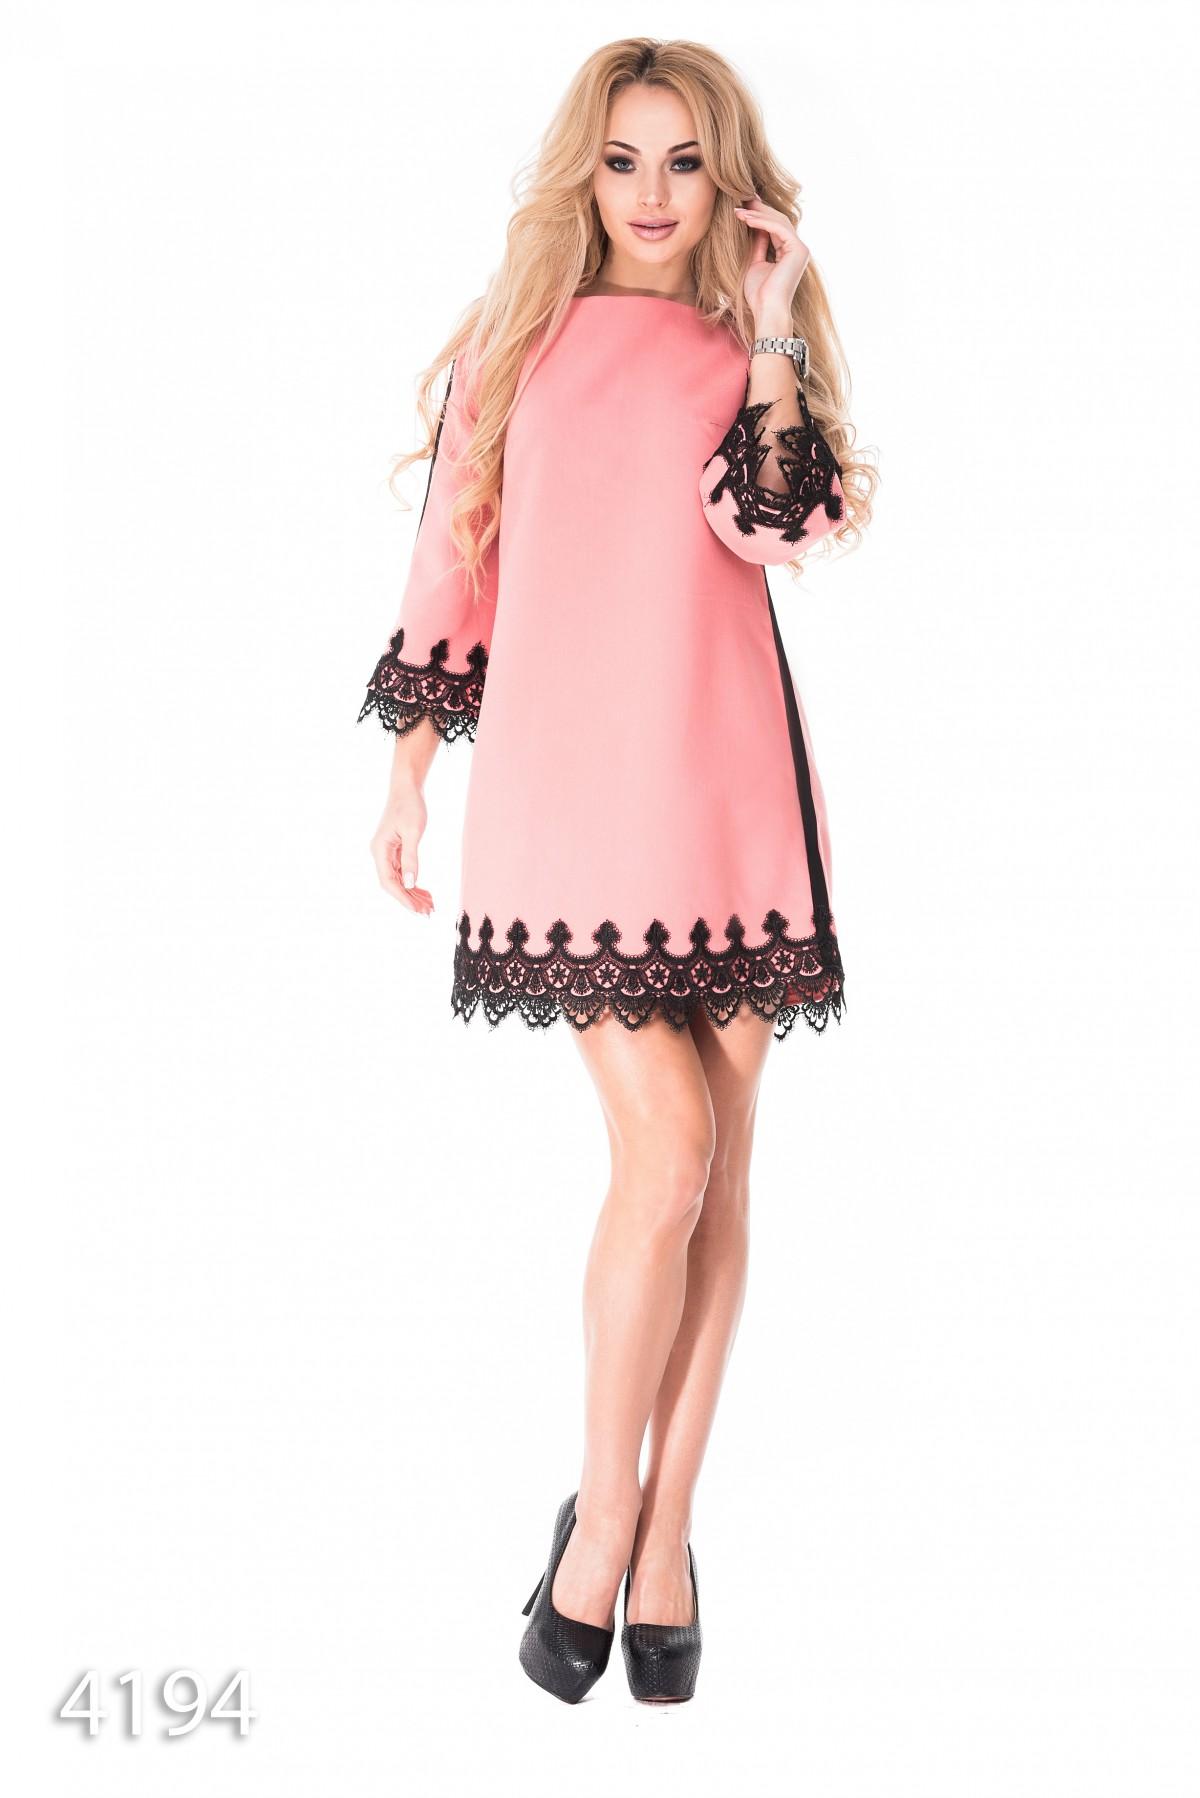 067e6dd7109 Розовое платье-трапеция с отделкой черным кружевом  1 076 грн. фото 2 ...